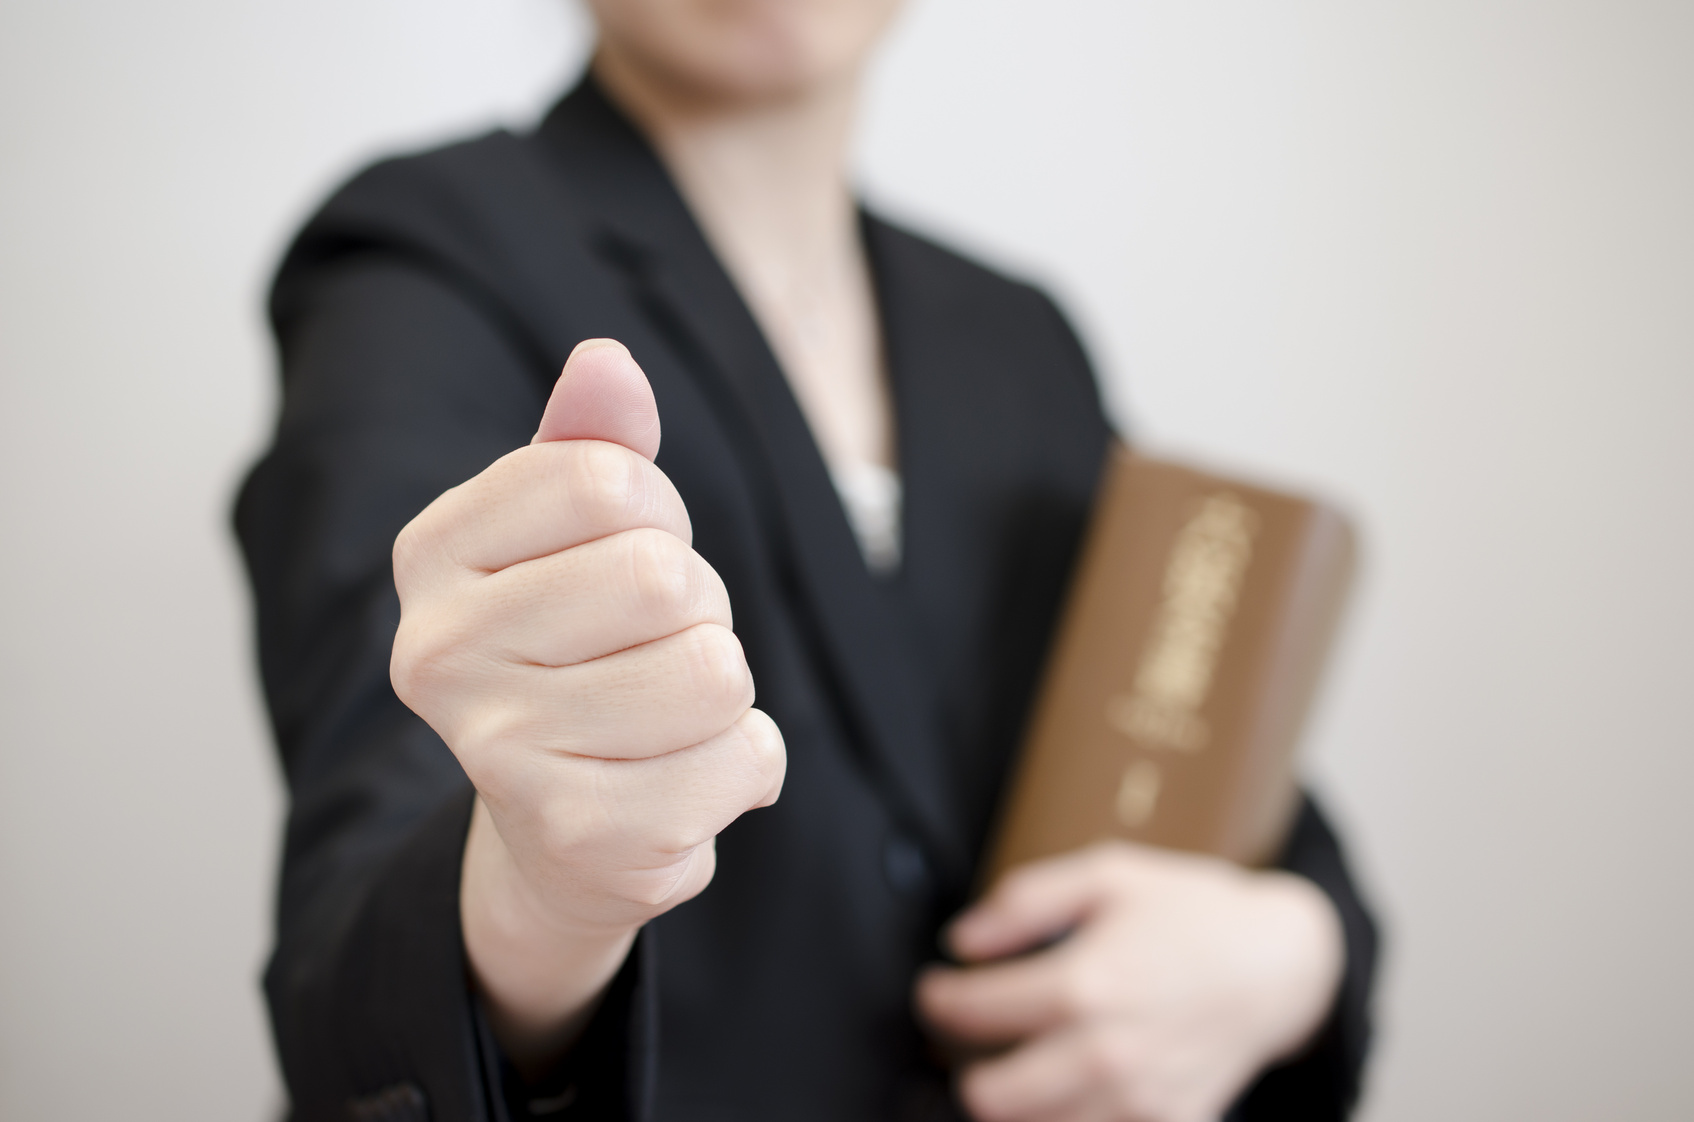 法律相談所!「心に寄り添う生活・法律相談室」懇談会のお知らせ!